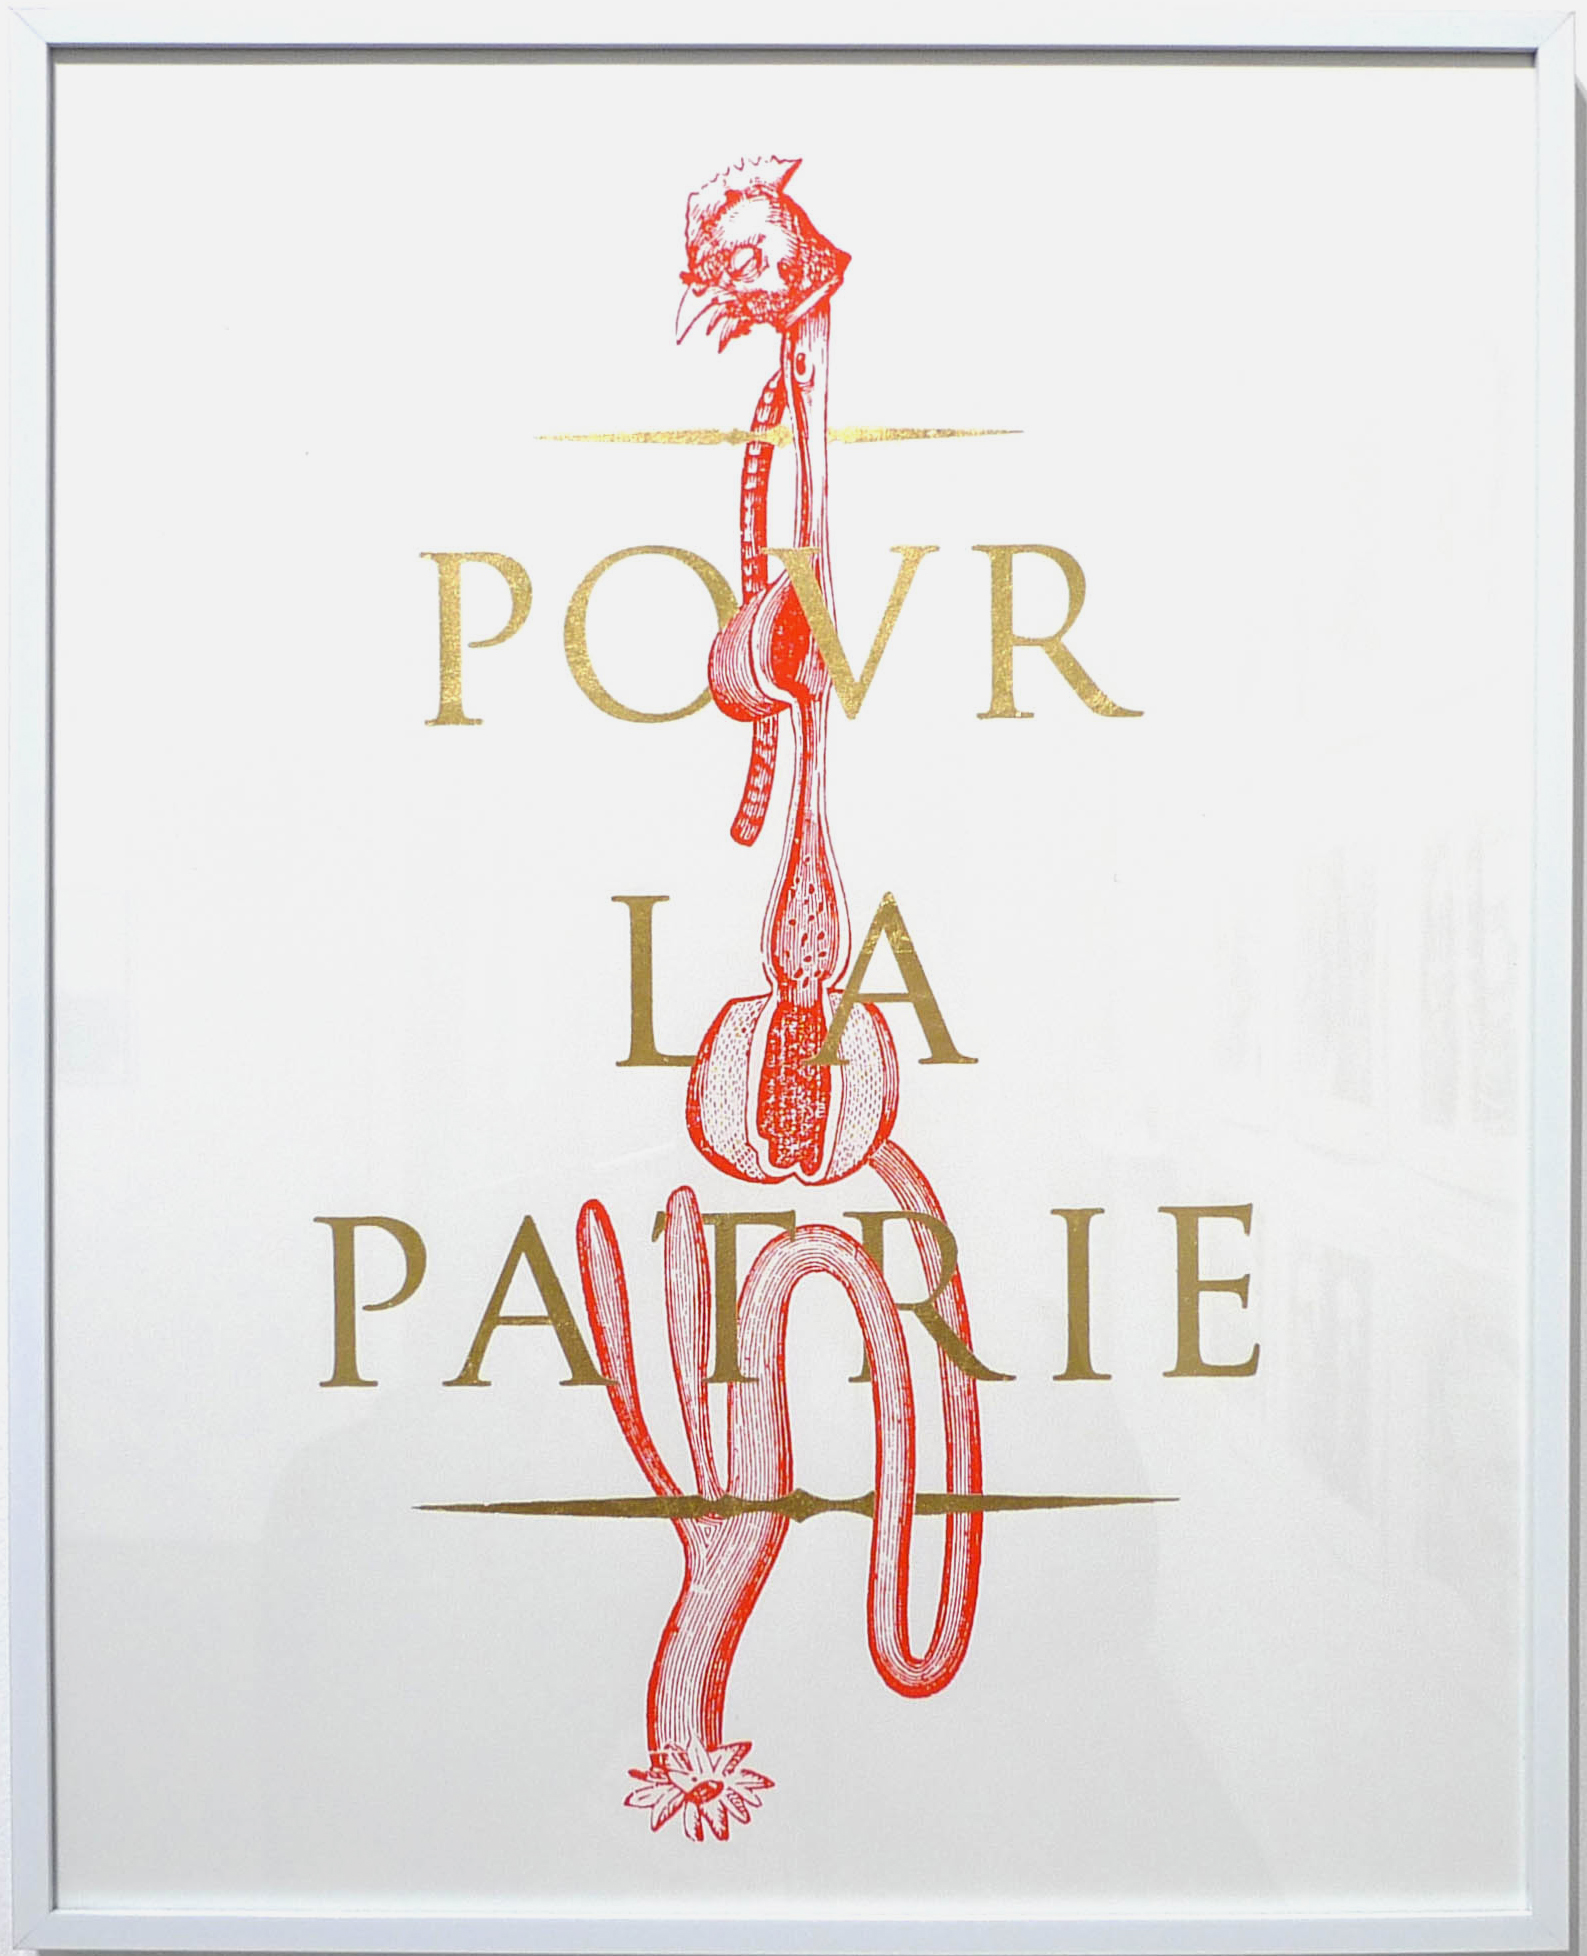 Loïc Creff, Pour la Patrie, 2017. Sérigraphie et dorure, 40 x 50 cm